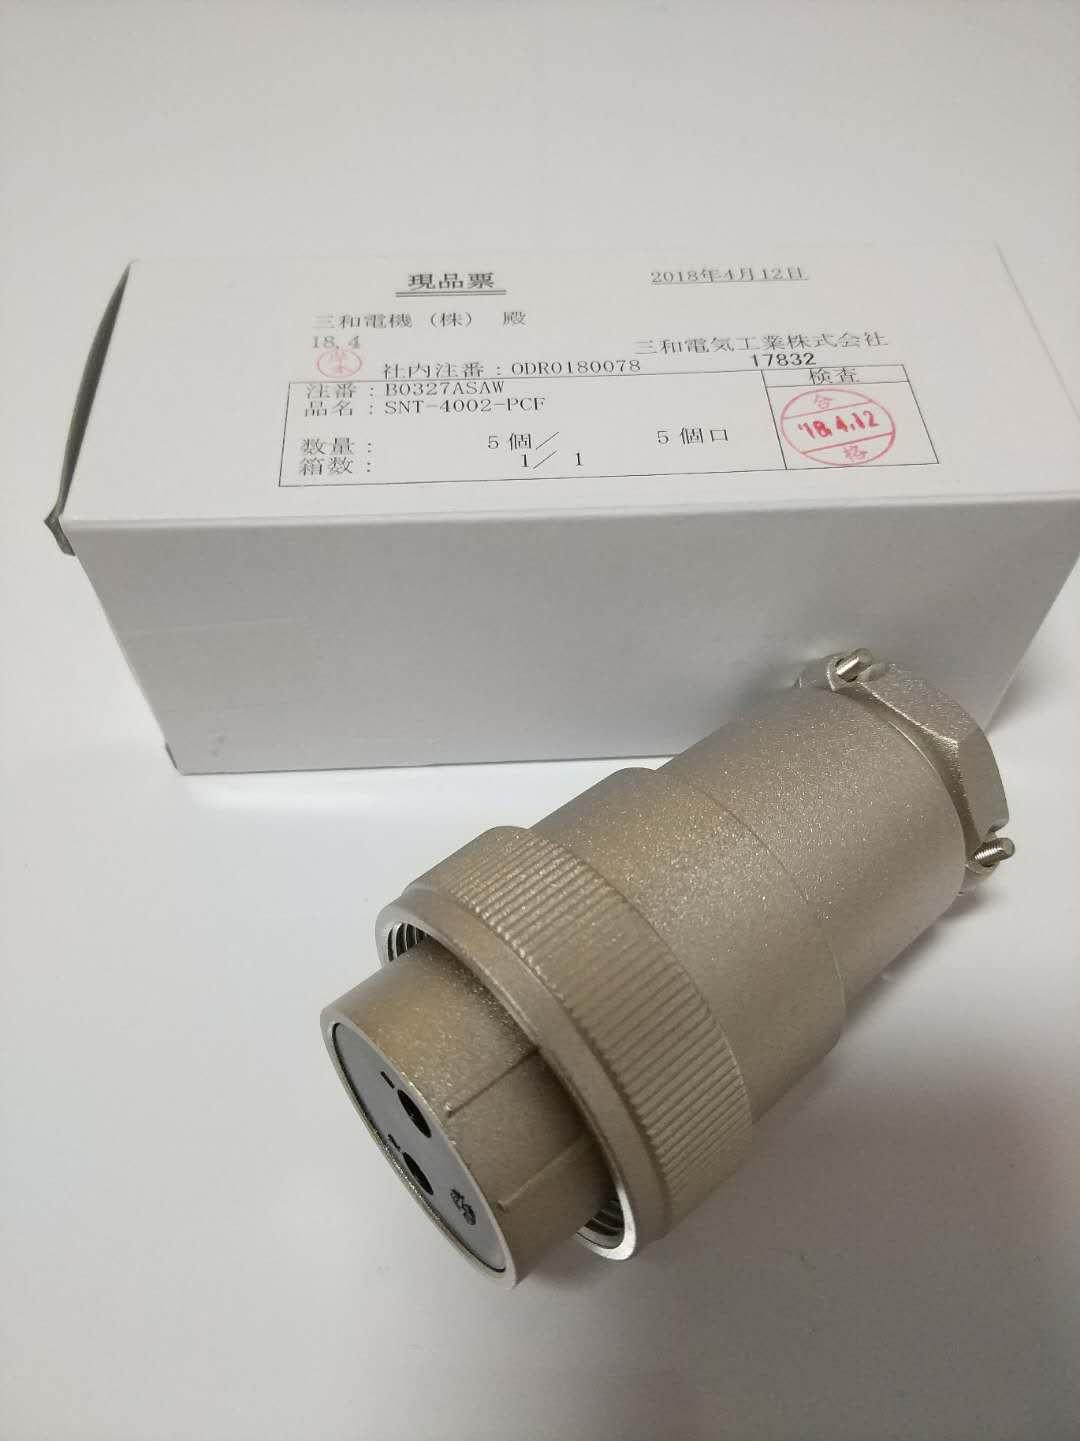 日本原装Sanwa圆形接插件SCWH型三和电机航空插头SCK-3002-P